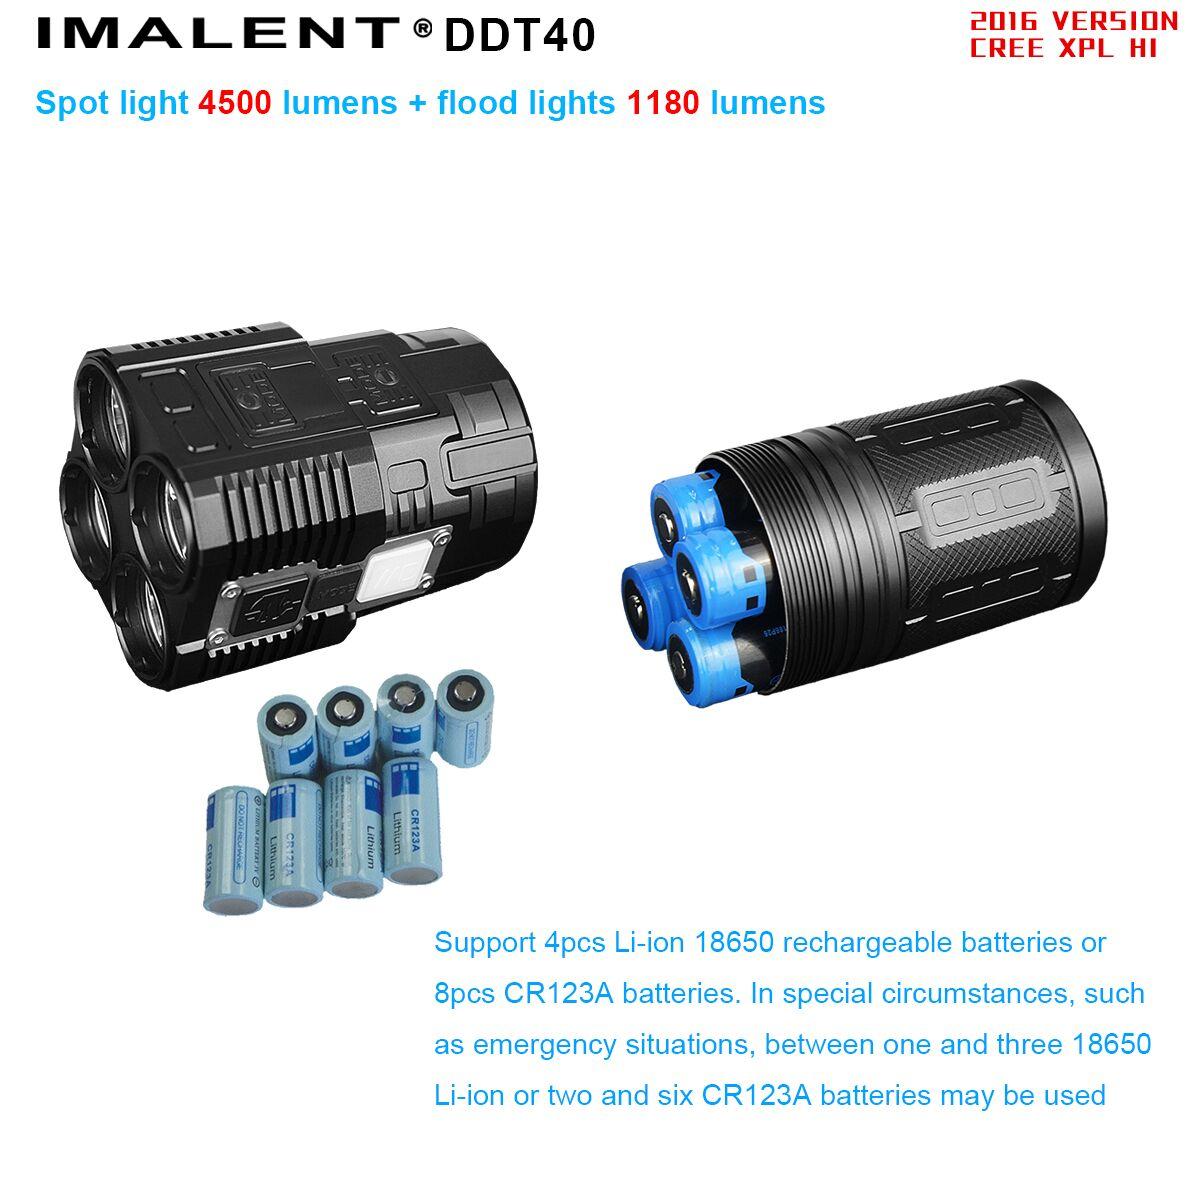 imalent DDT40 recargable con baterias